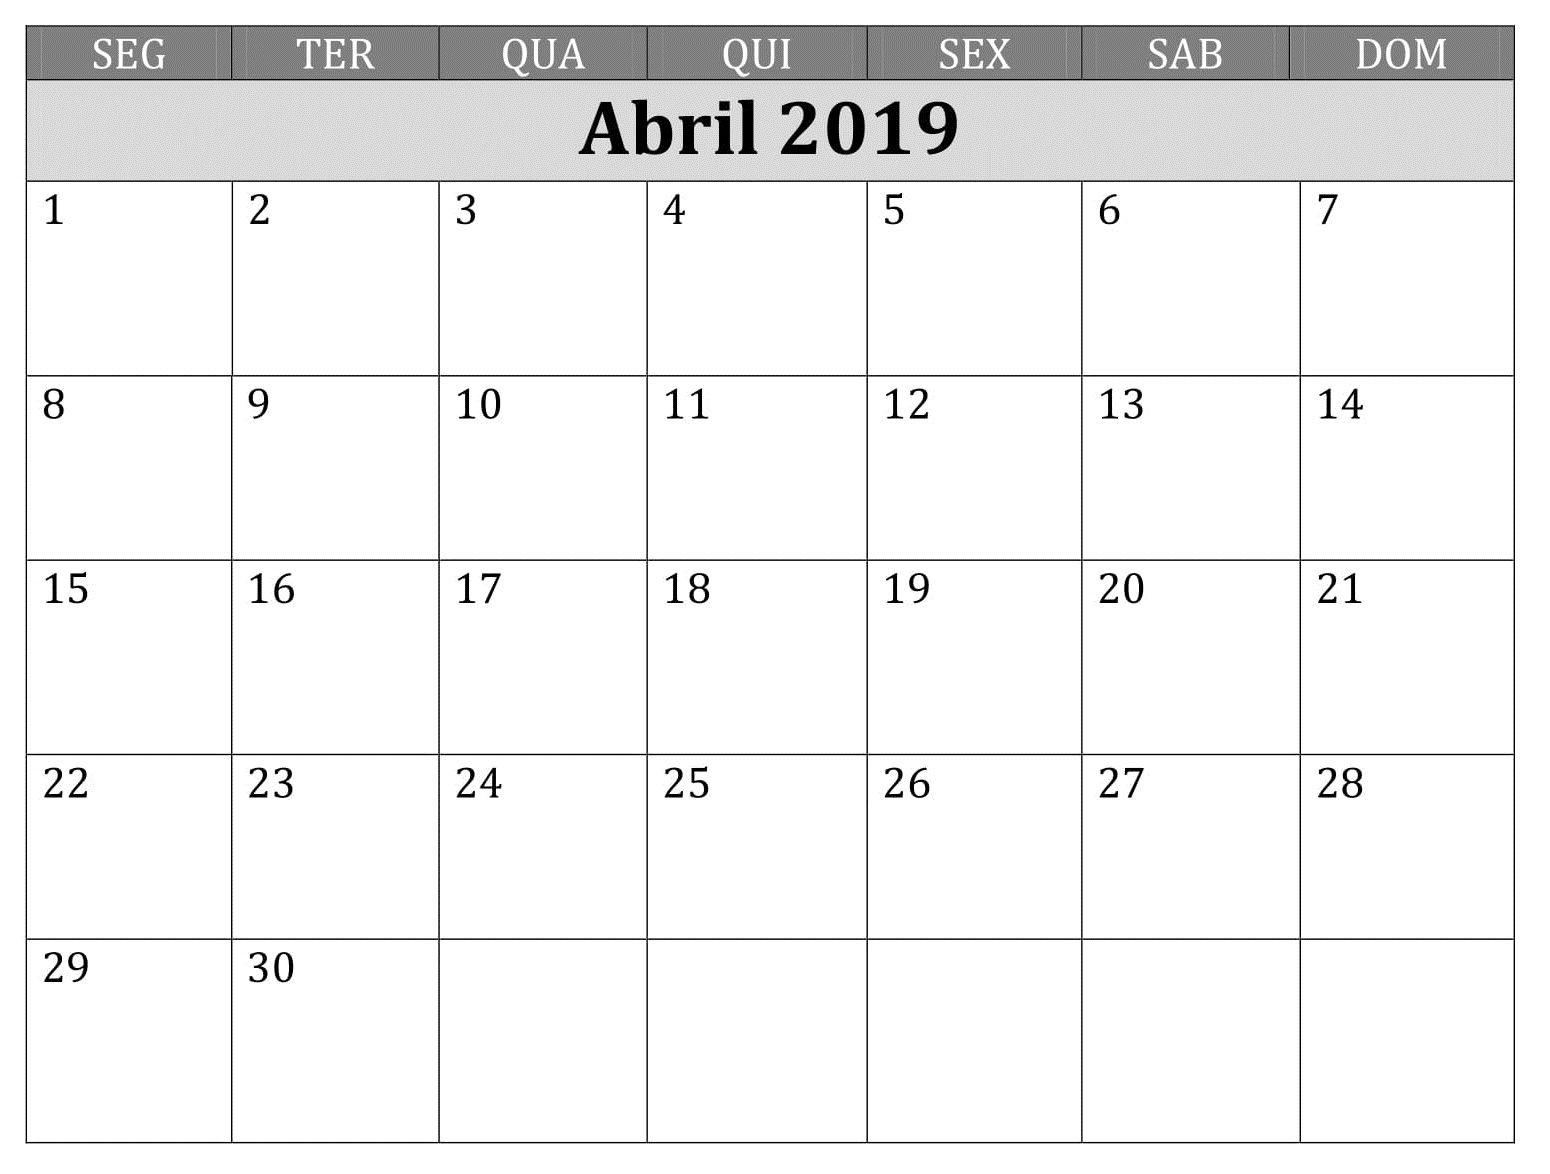 Calendario Imprimir Abril 2019.Calendario Mes 2019 Imprimir Abril Calendario Abril 2019 Imprimir